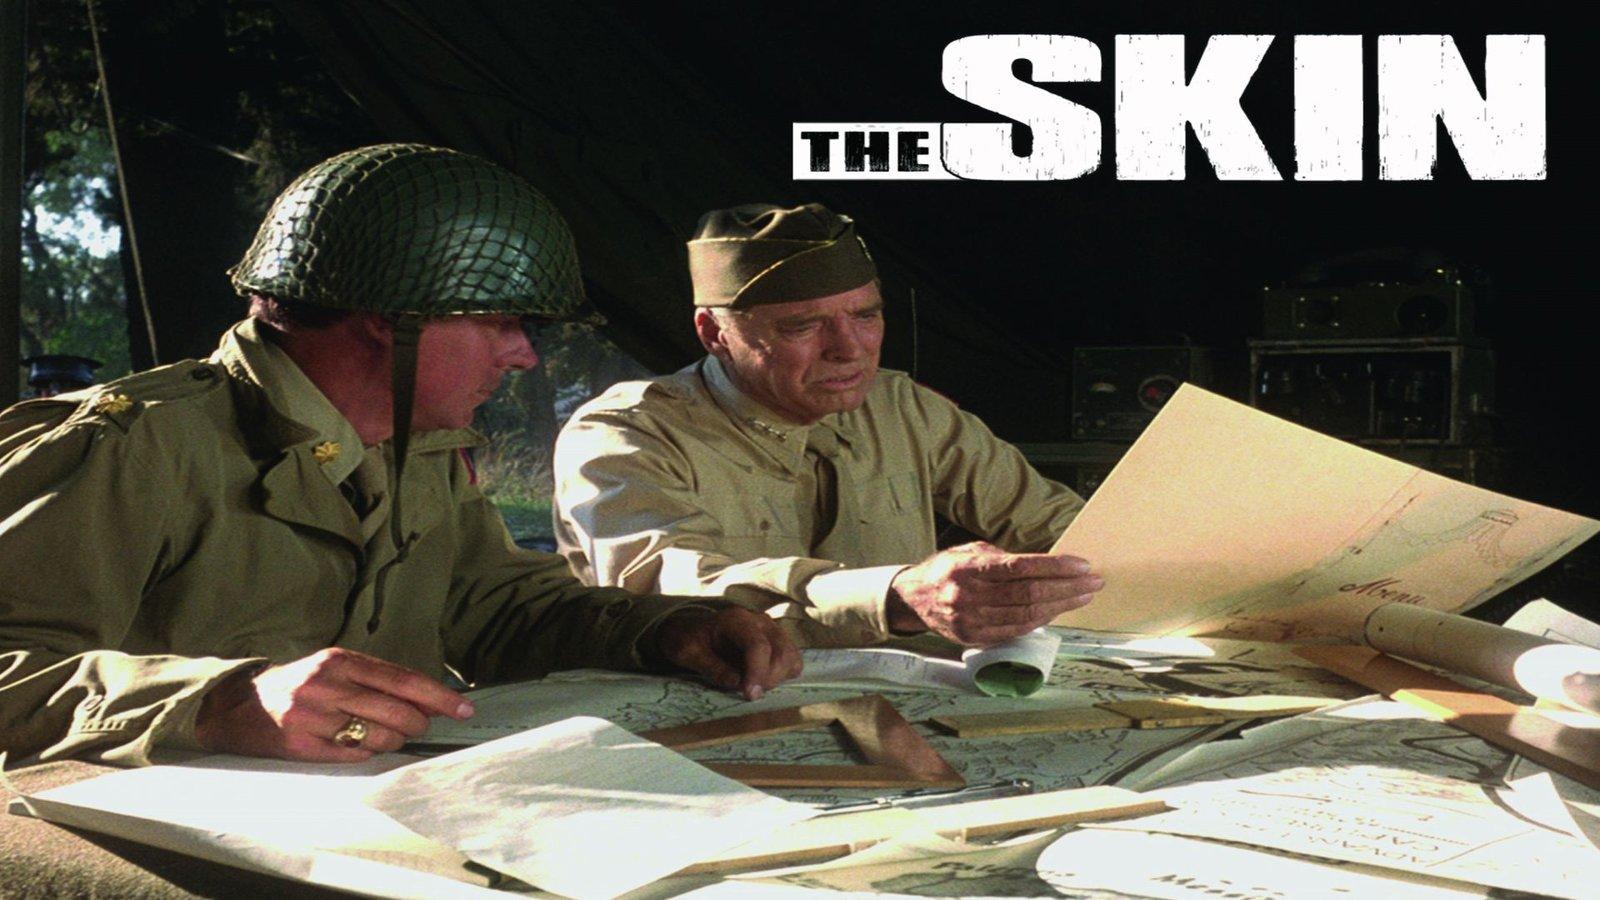 The Skin - La pelle